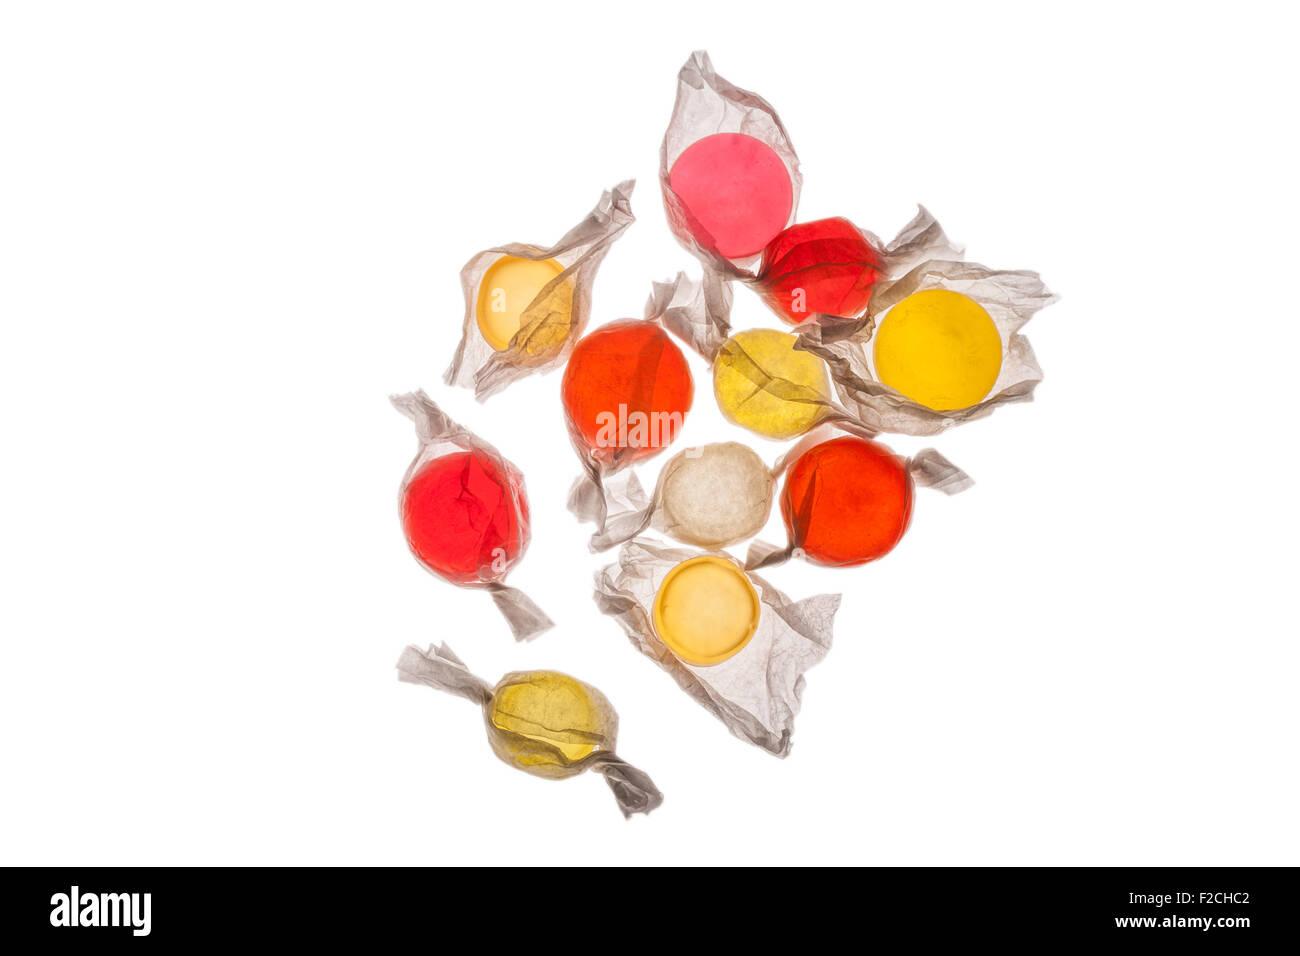 Vista aerea di arancione, giallo, rosso, rosa candy in involucri sul tavolo luminoso Immagini Stock